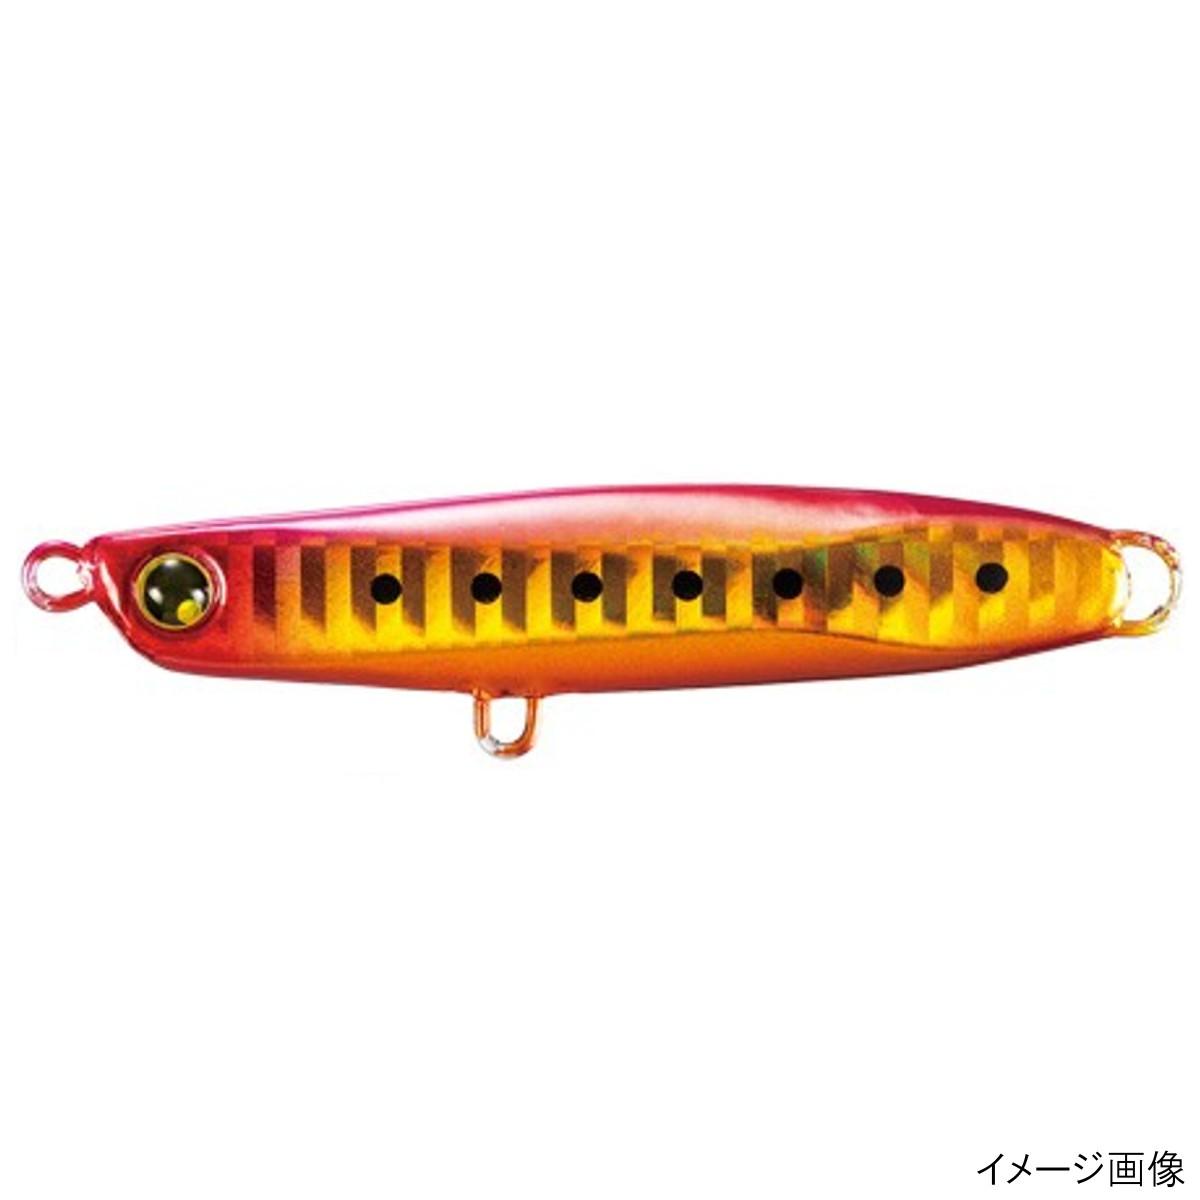 シマノ 熱砂 スピンビーム OO-232M 32g 28T(ピンクファイヤー)(東日本店)